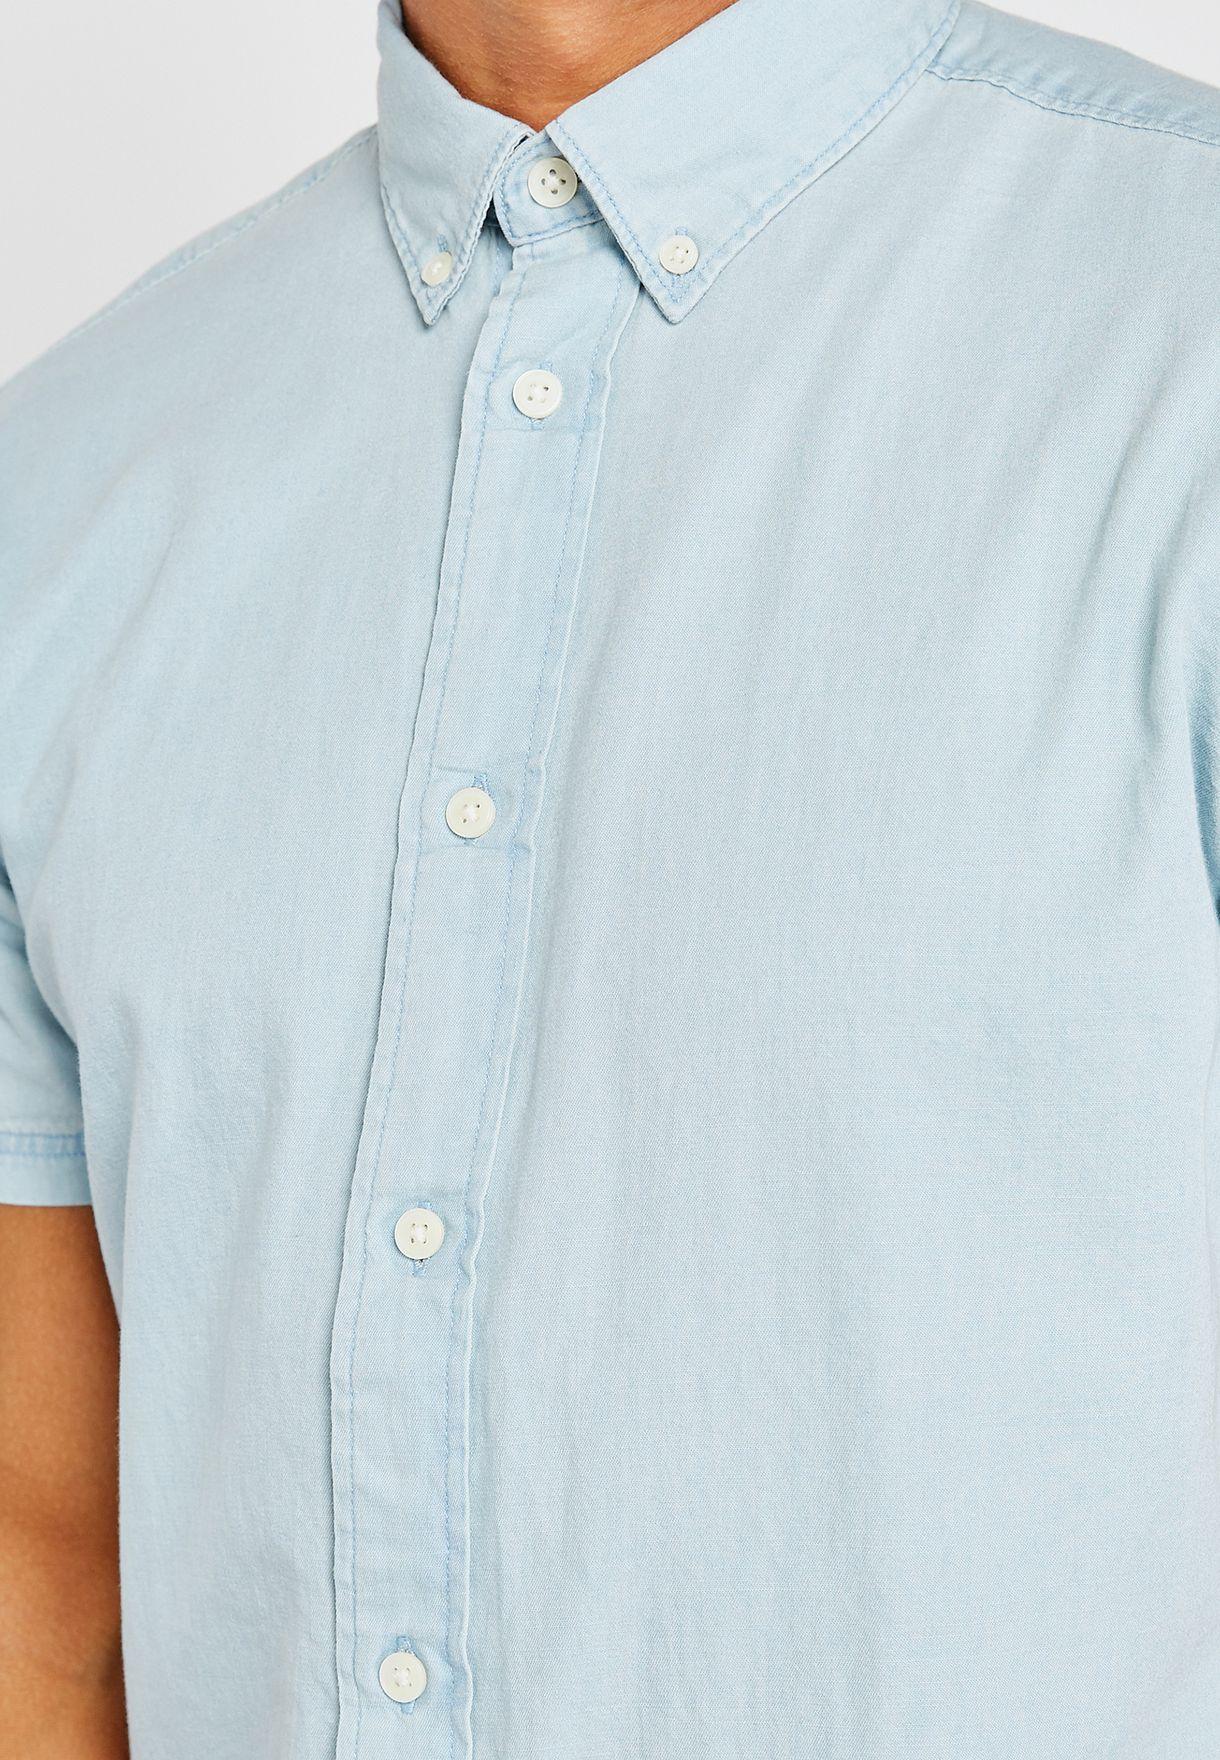 Essential Shirt